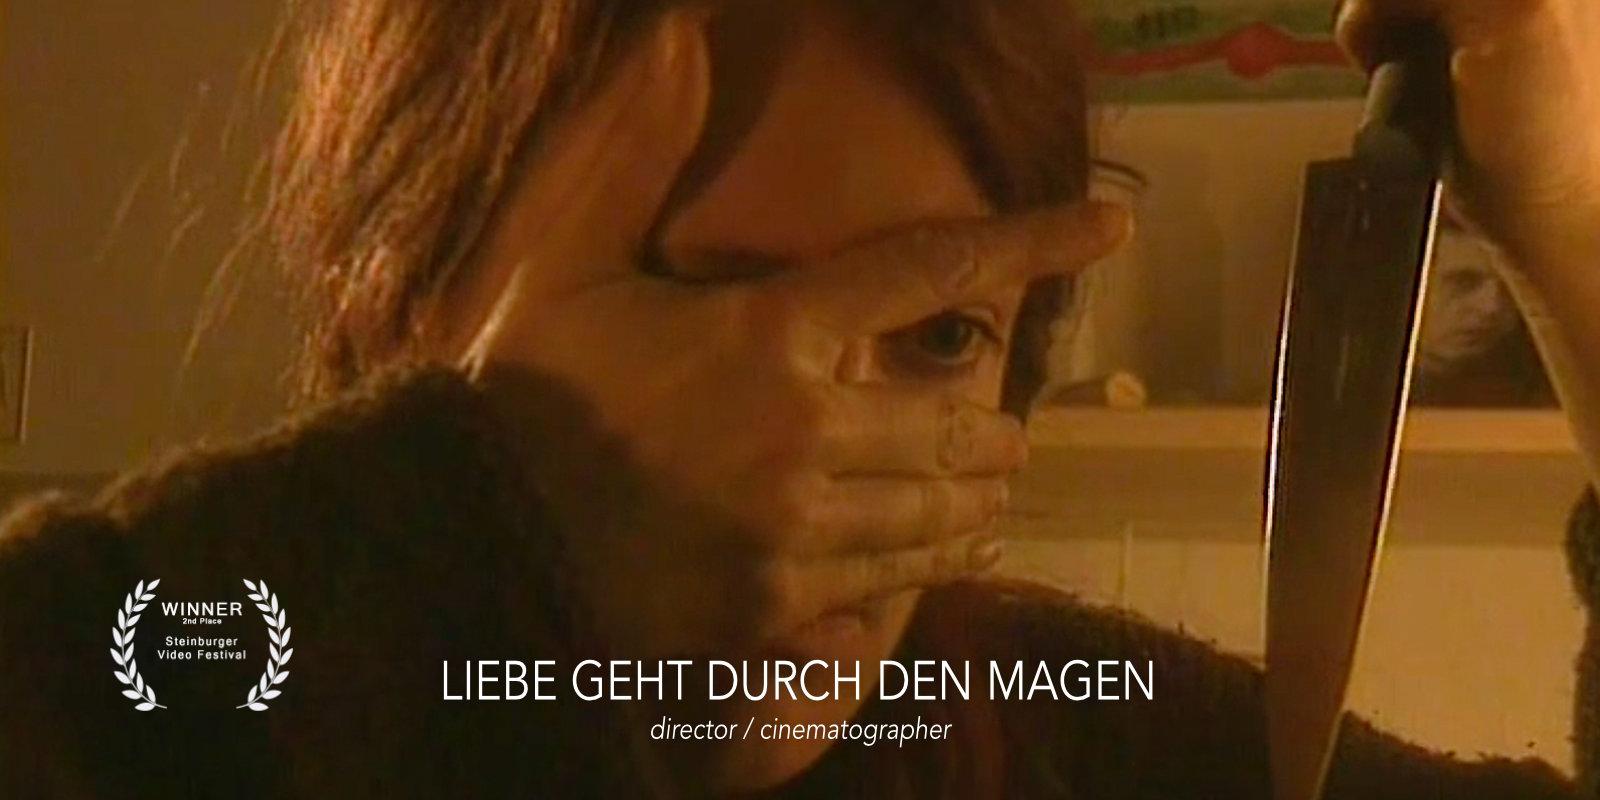 Liebe geht durch den Magen - Regie und Kamera / Cinematography and directed by Sören Schulz